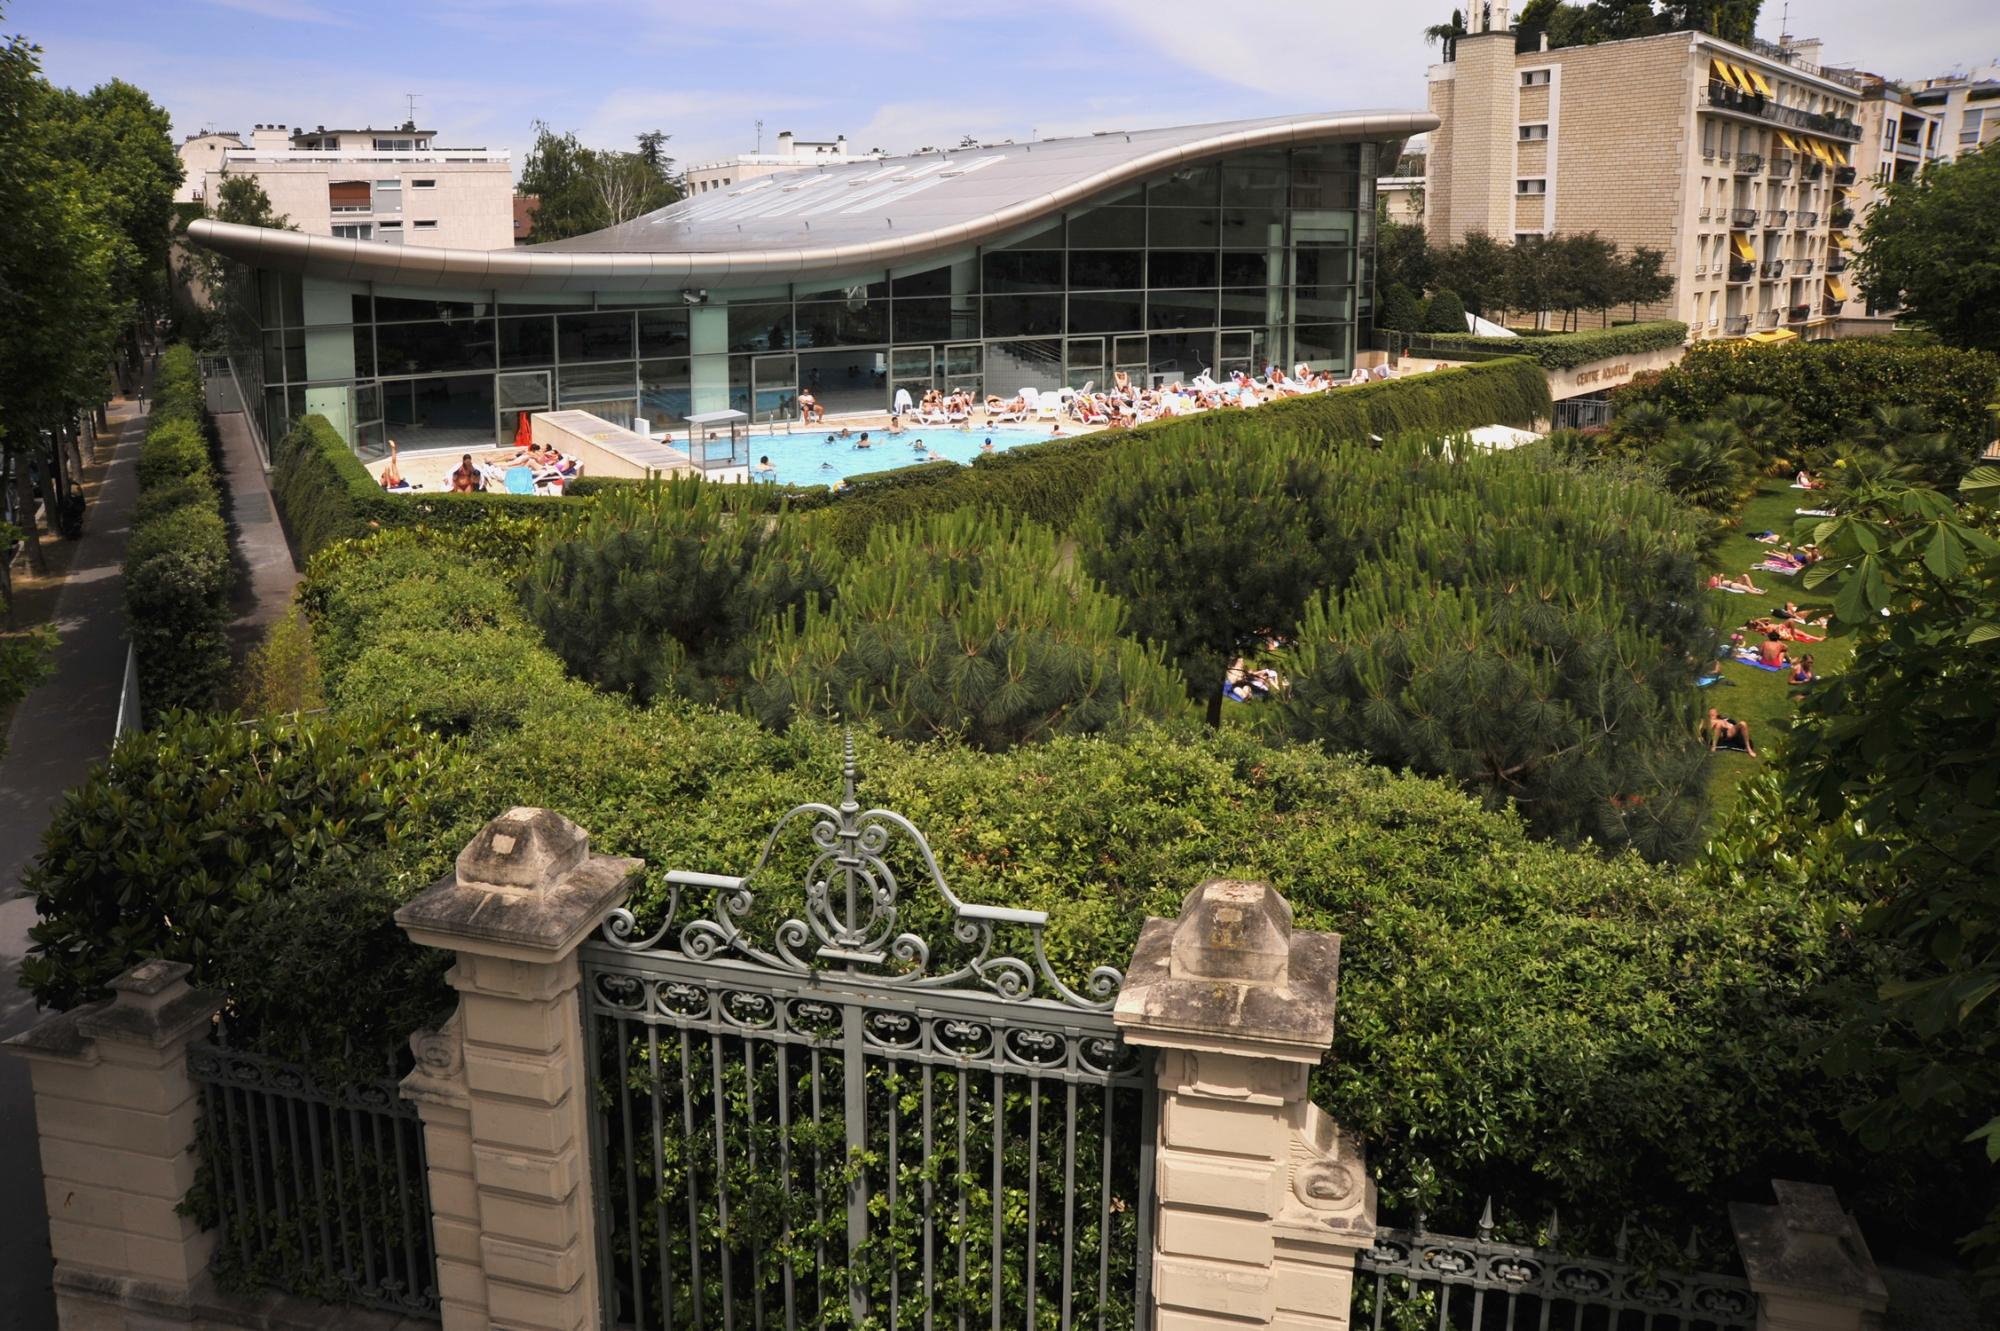 Centre Aquatique | Site Officiel De La Ville De Neuilly-Sur ... dedans Neuilly Sur Seine Piscine